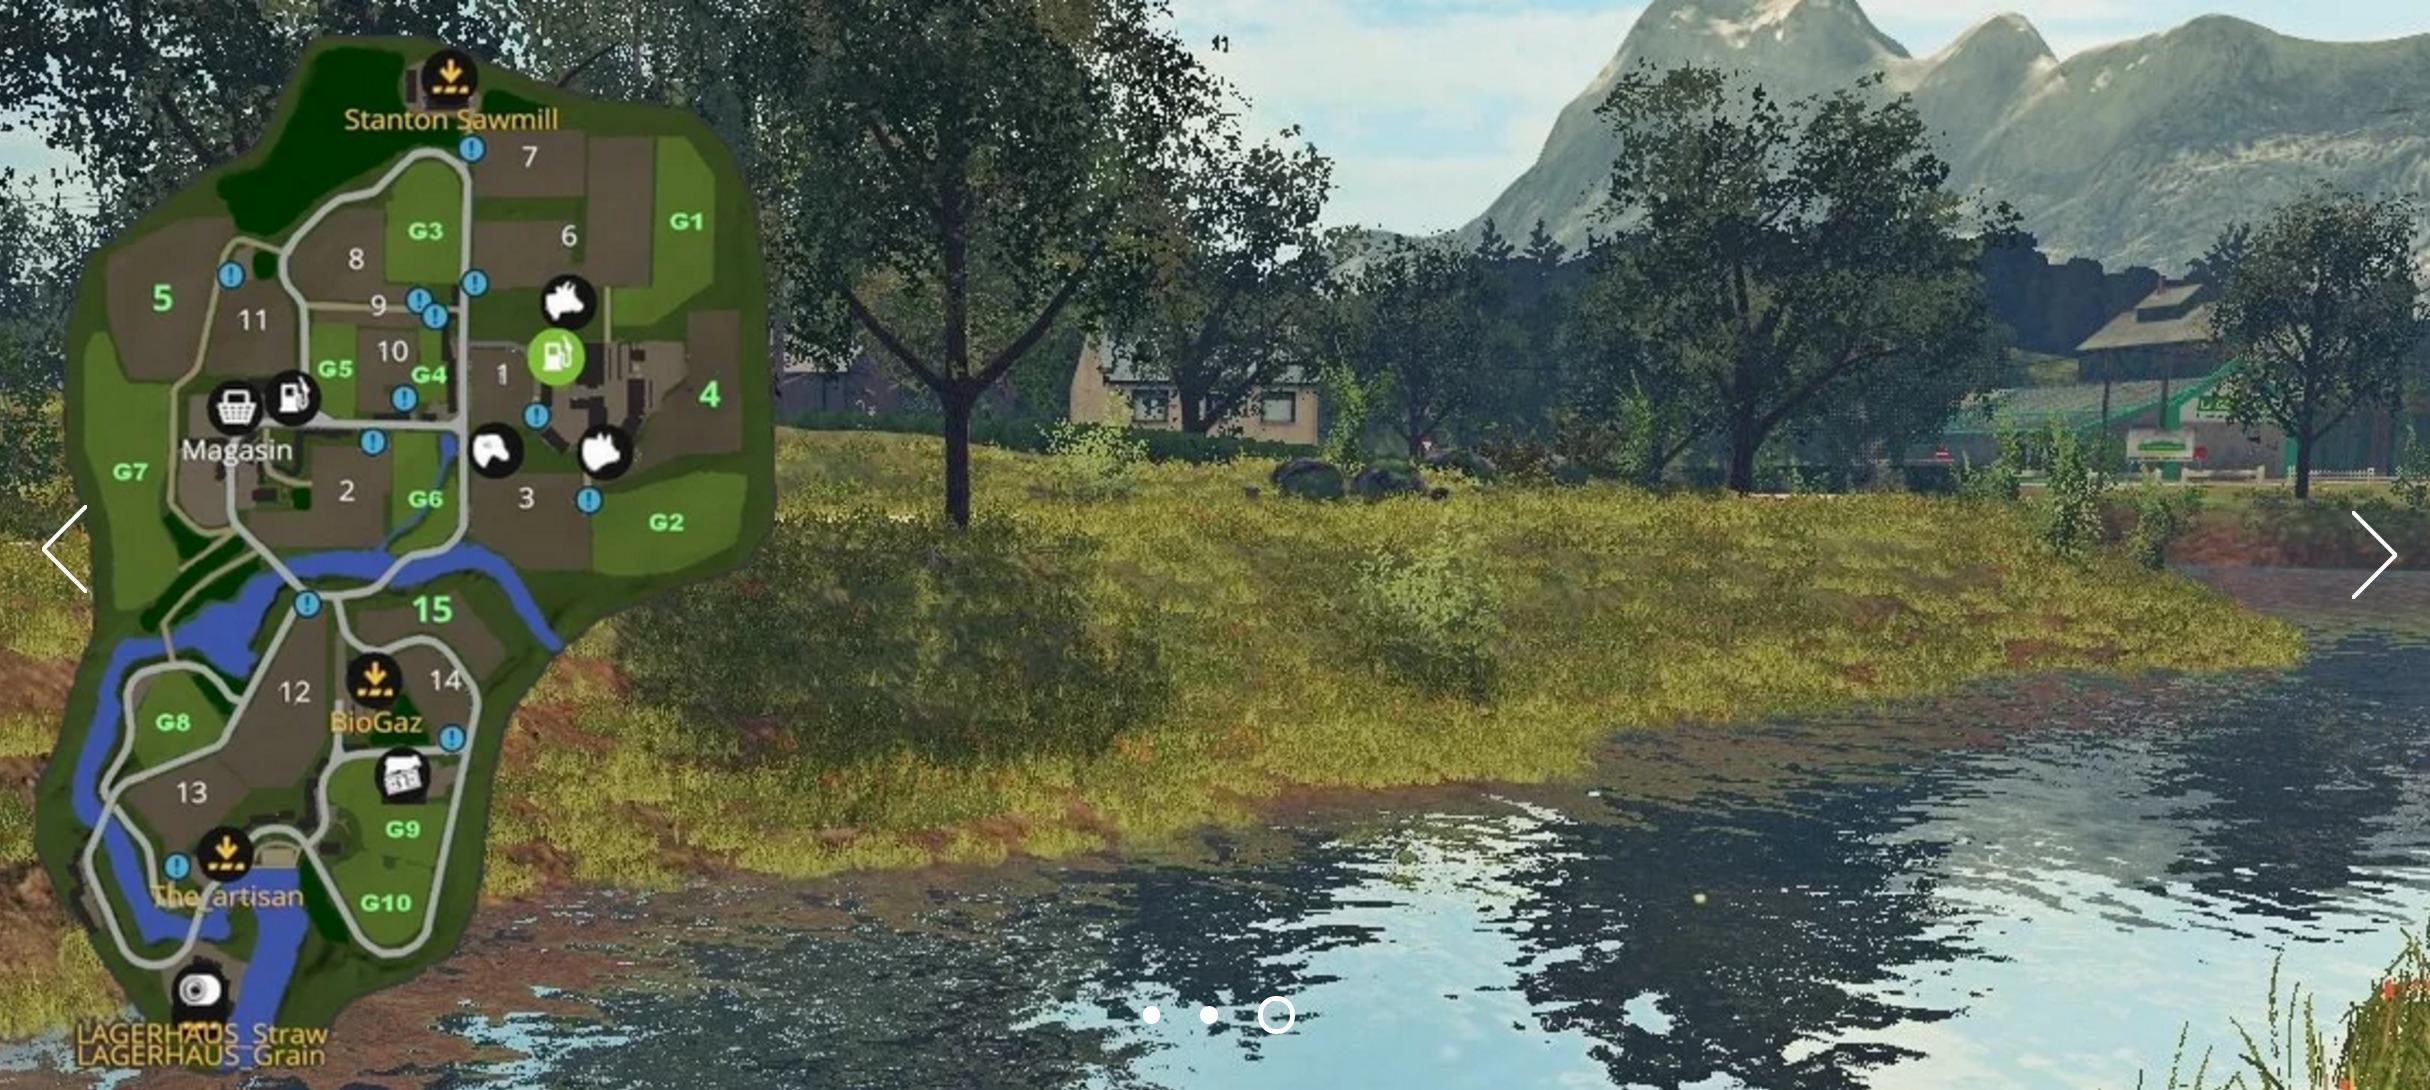 Farming Simulator 17 Mod / FS 2017 Mod